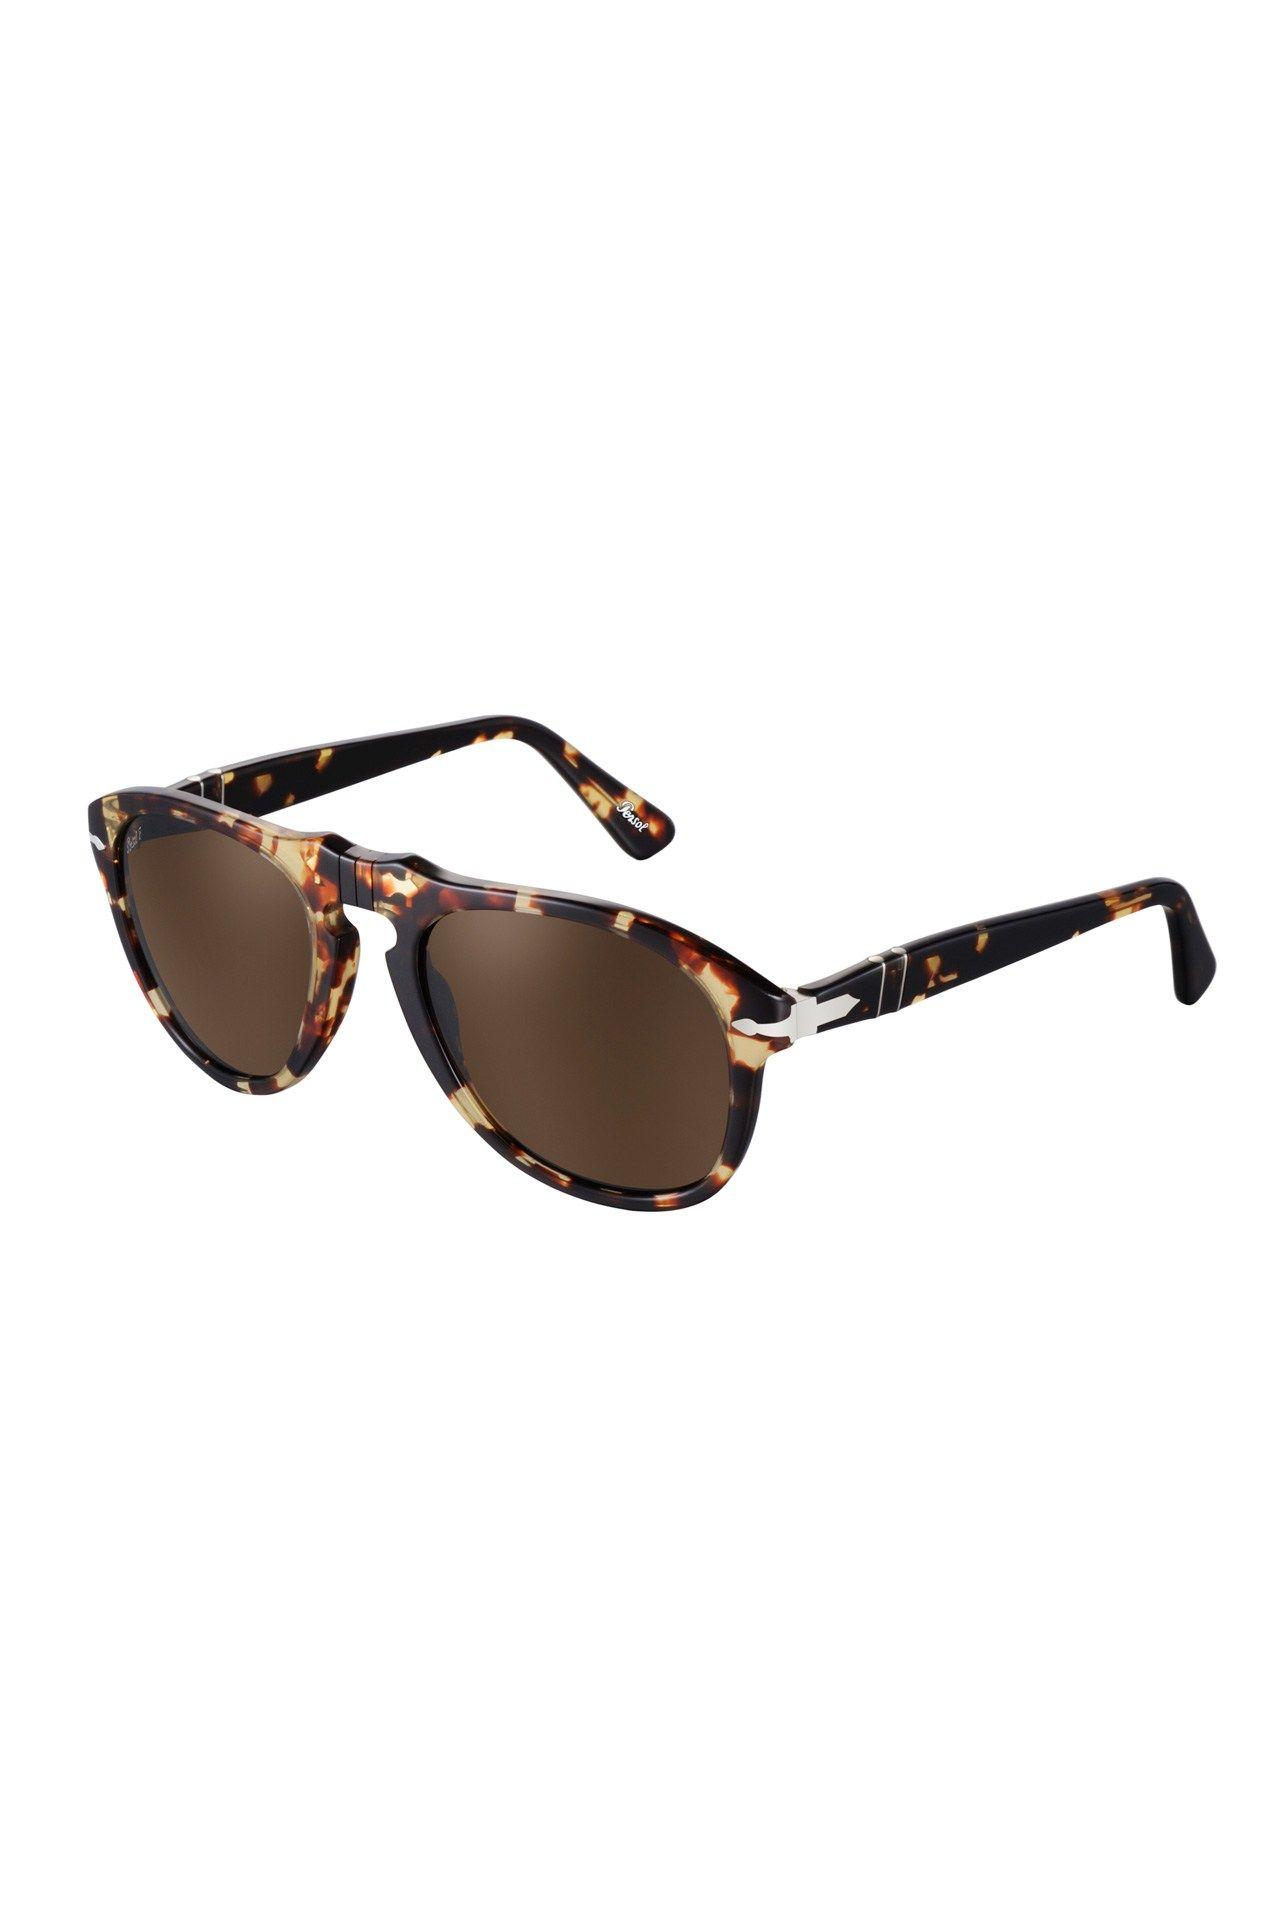 7d8acc333f33 100 Best Sunglasses